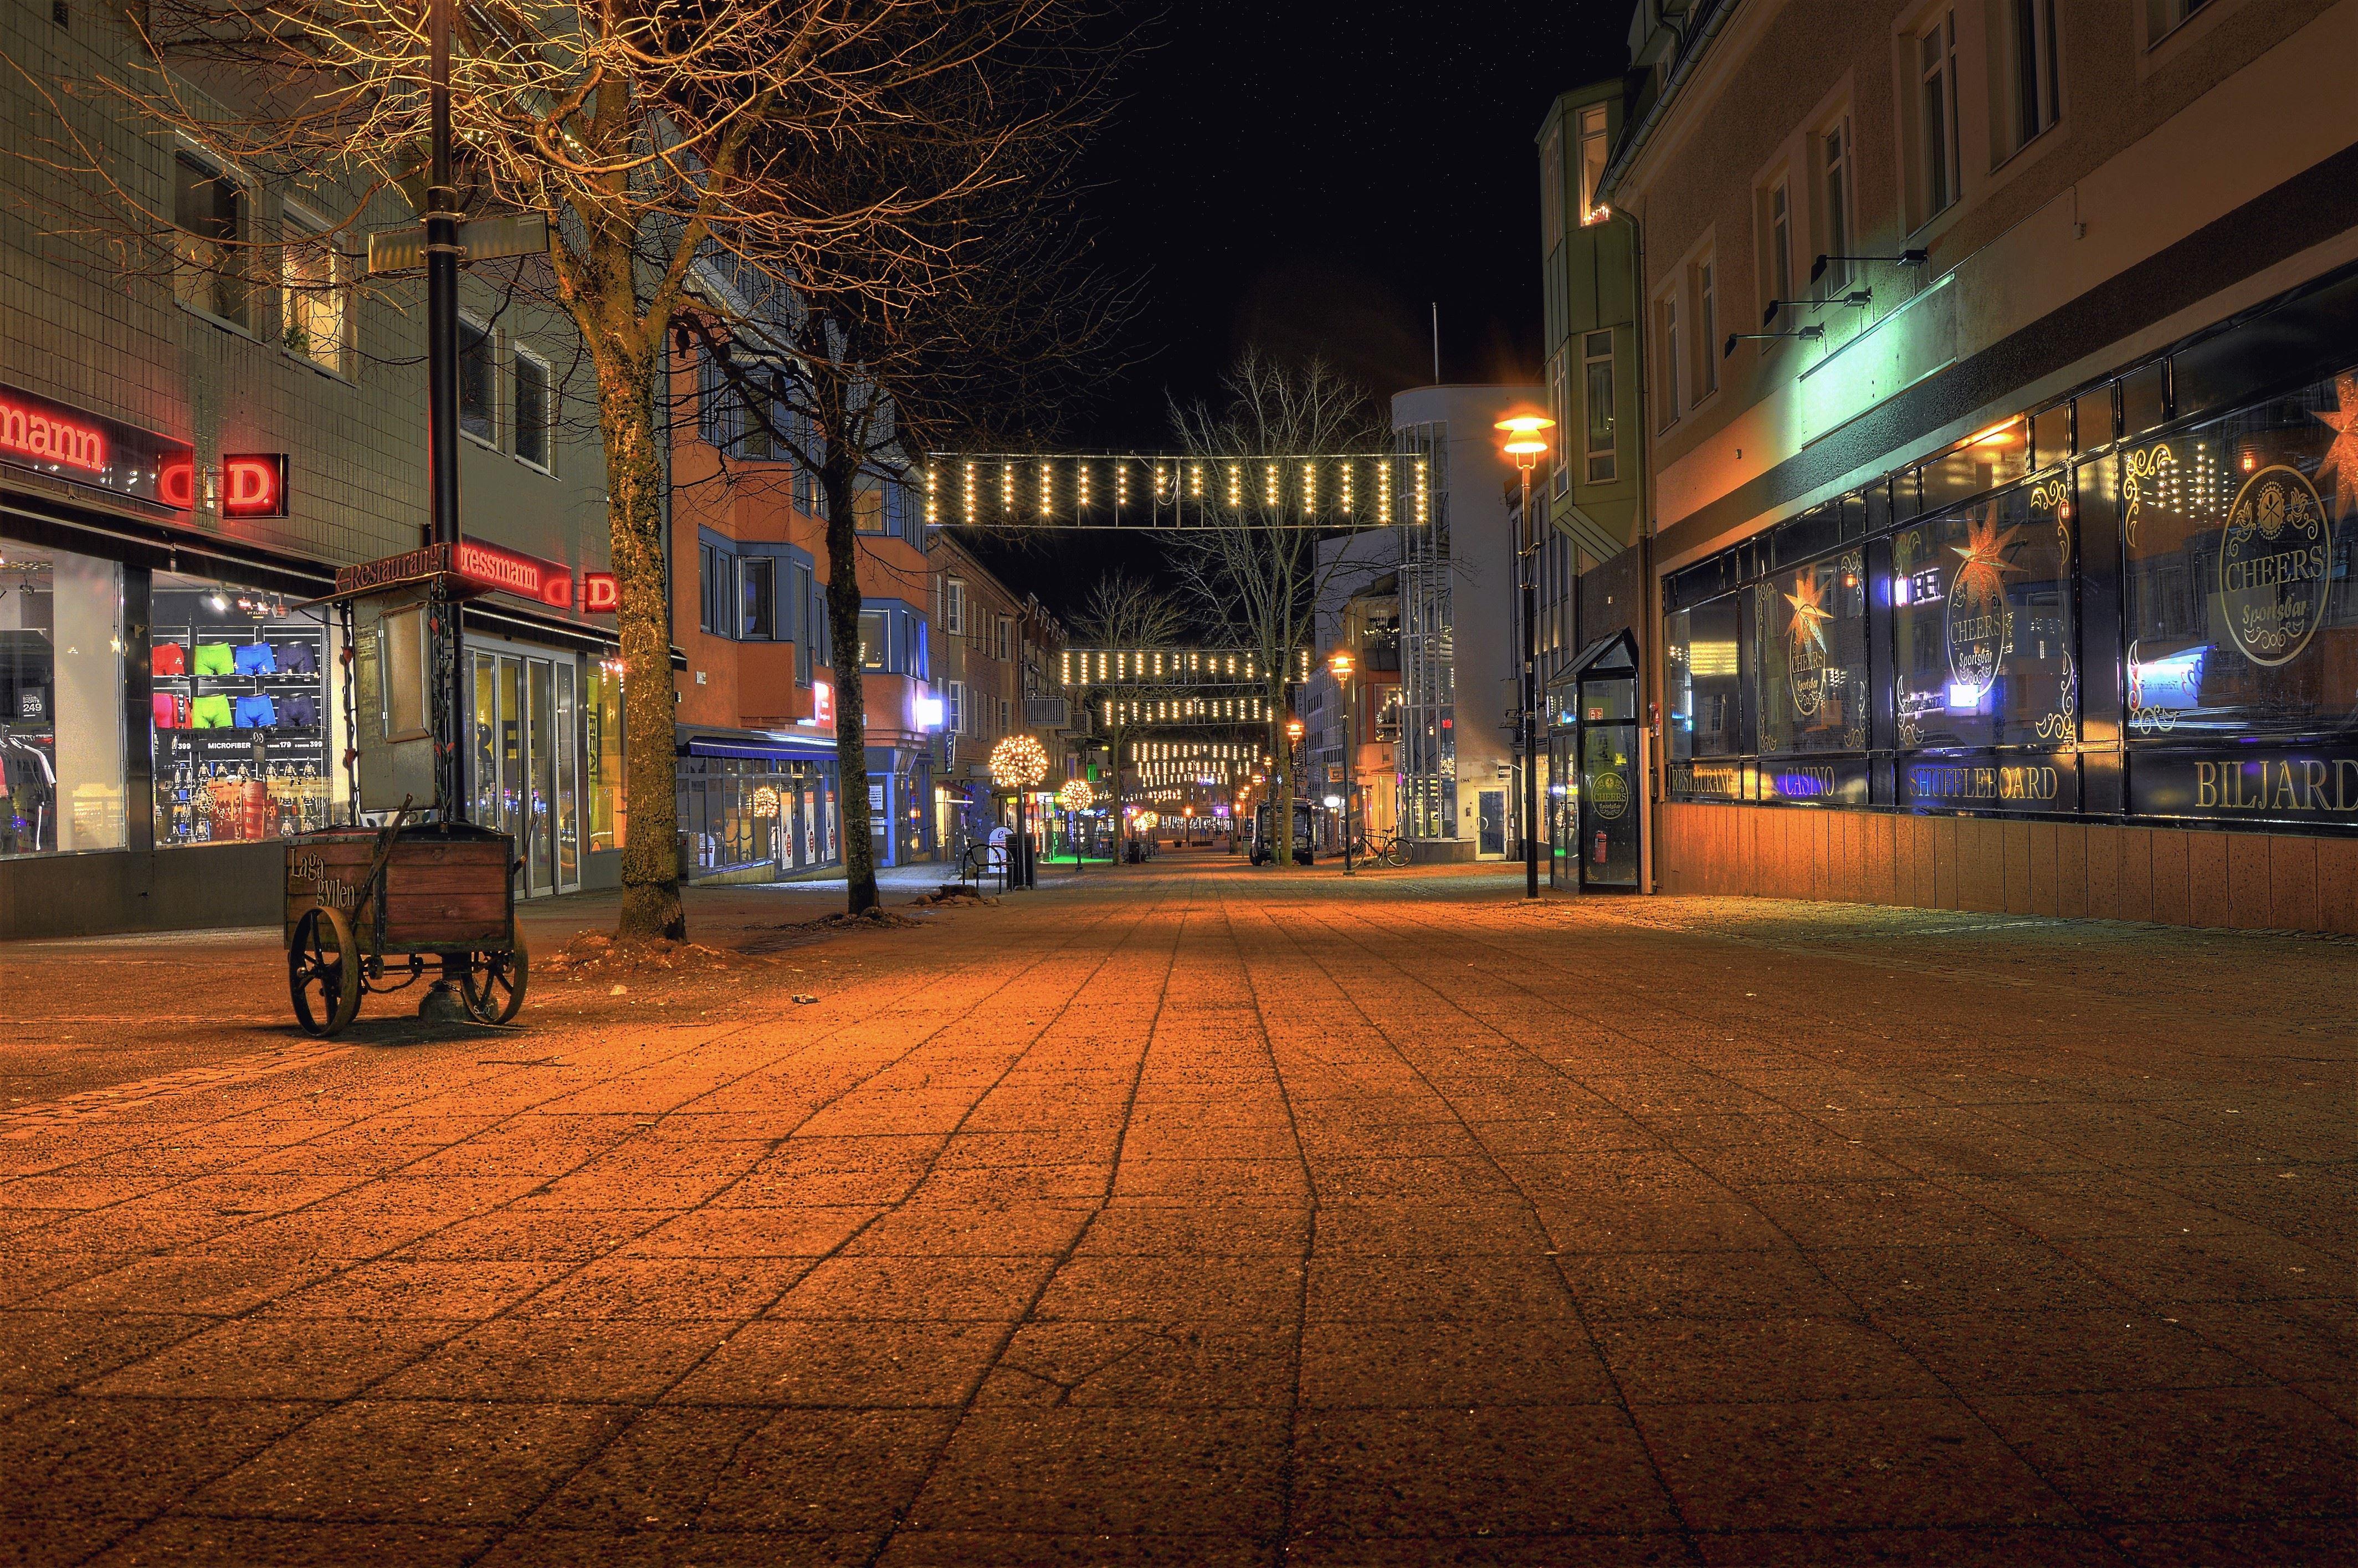 EXTRAÖPPET I VÄRNAMO CITY